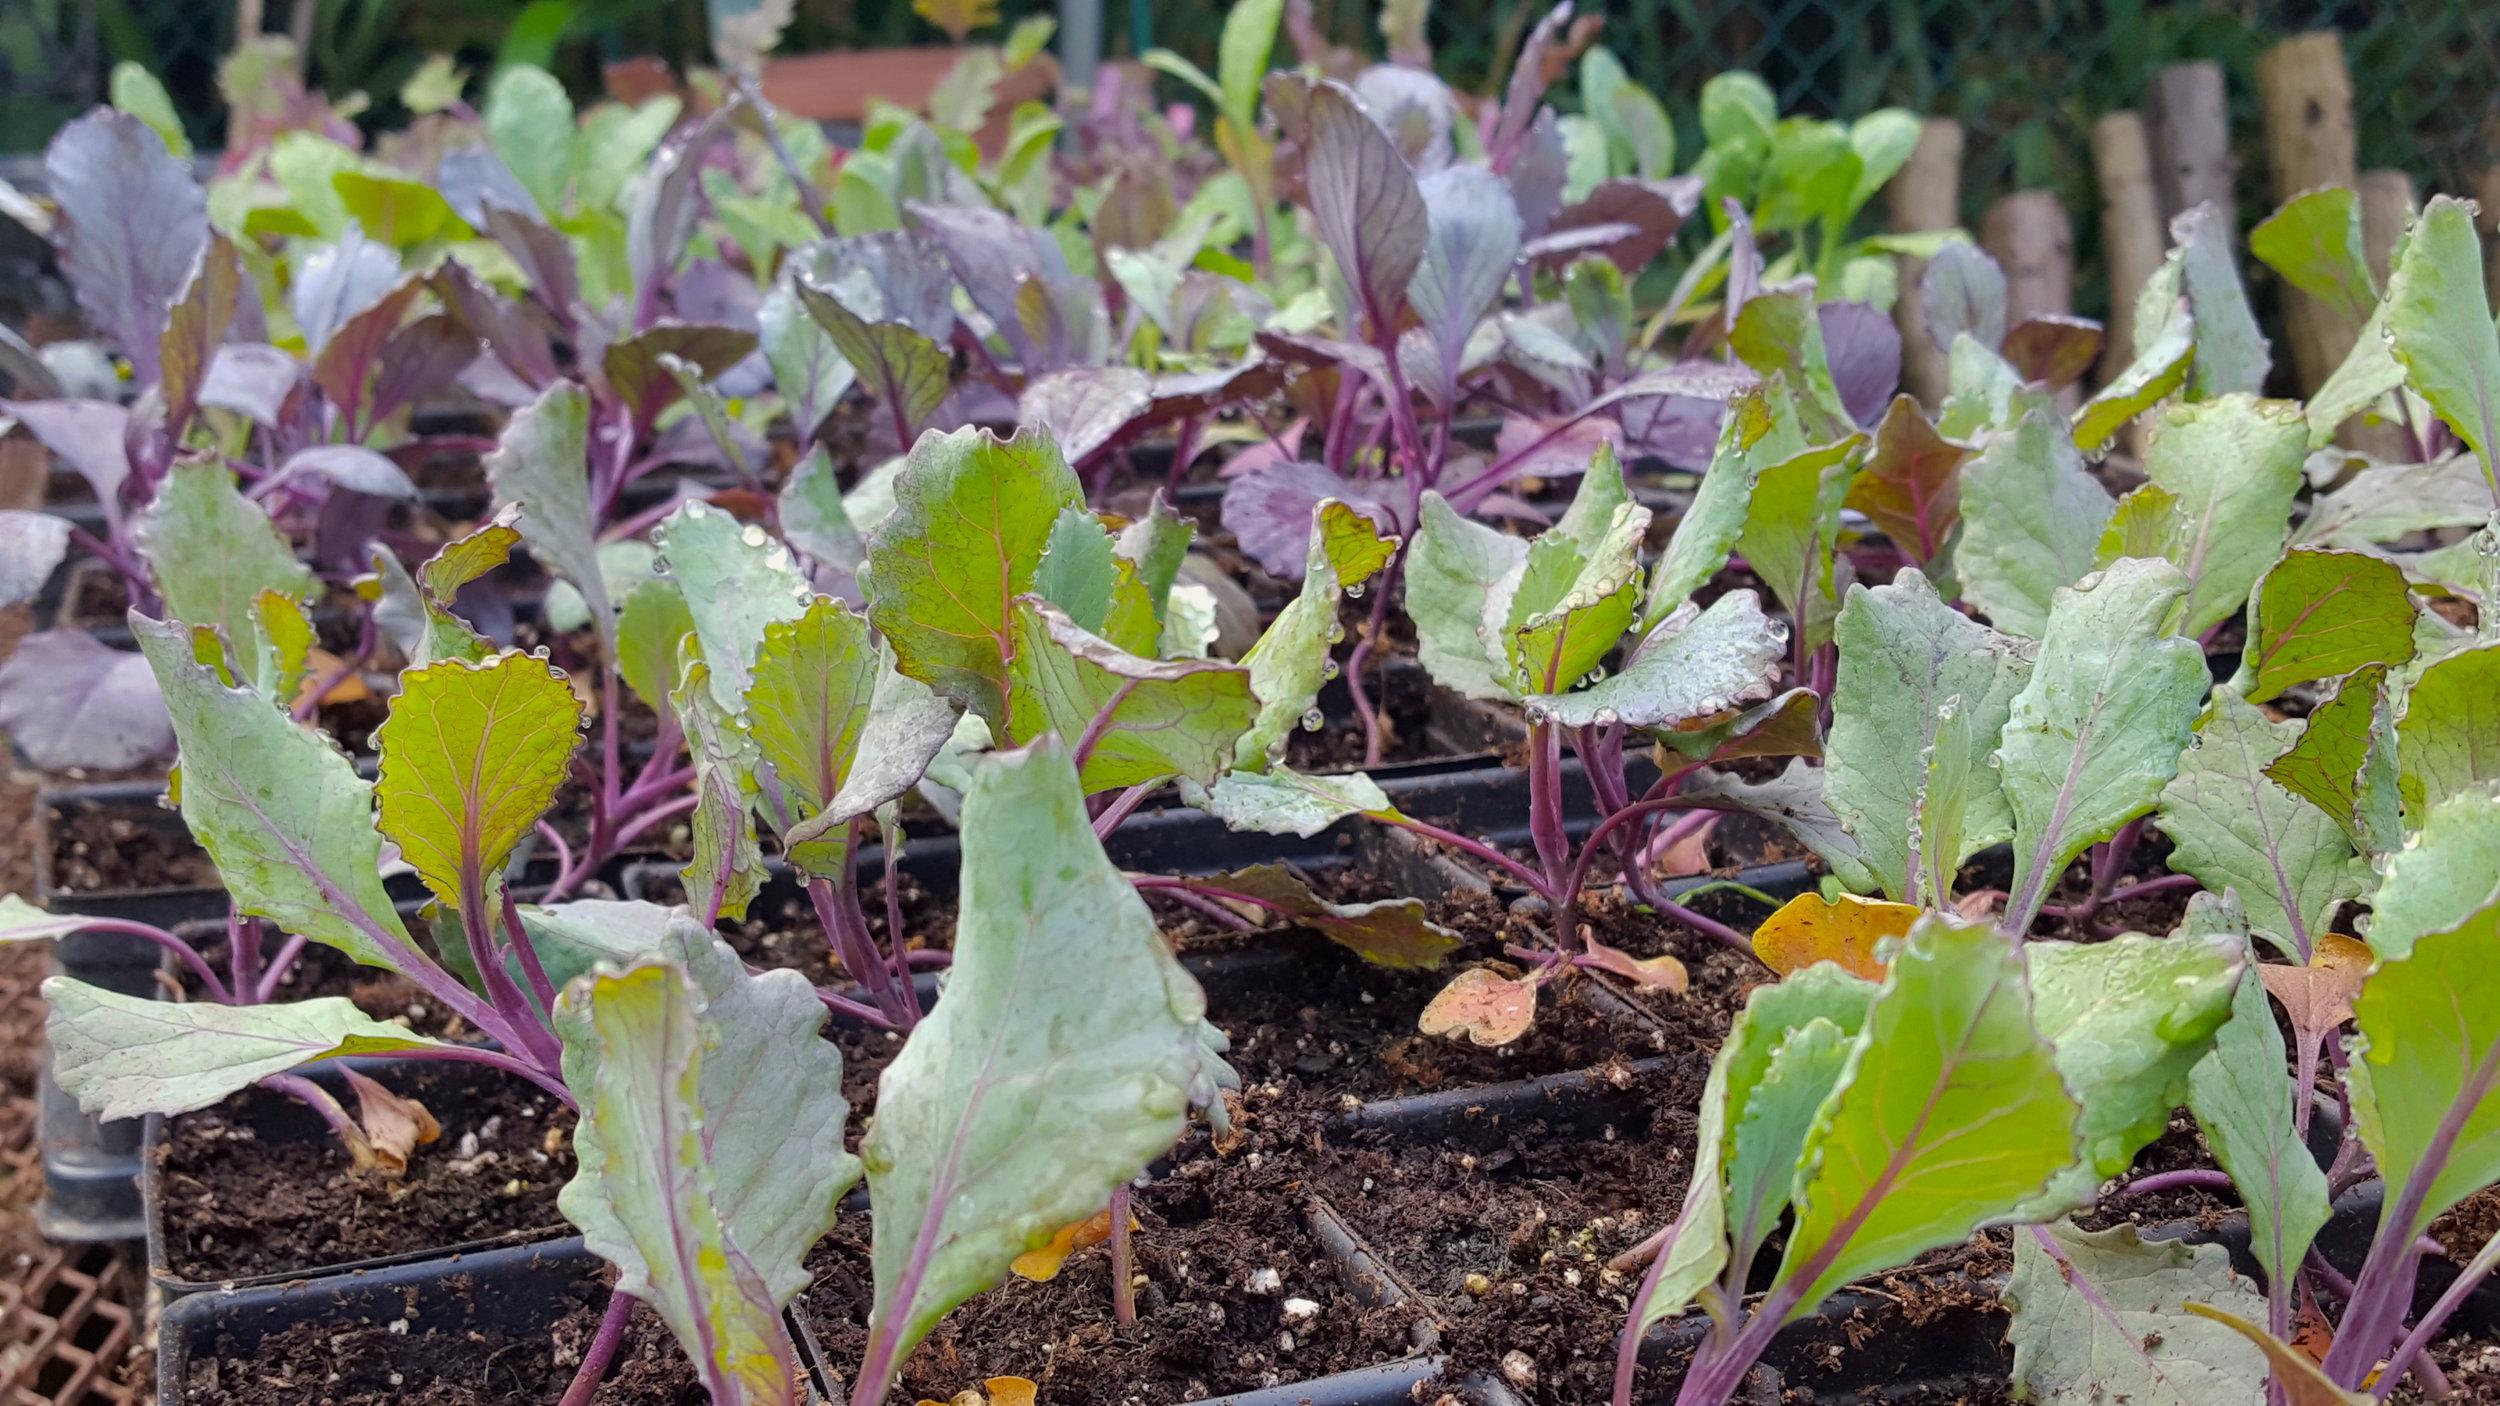 kale seedlings.jpg